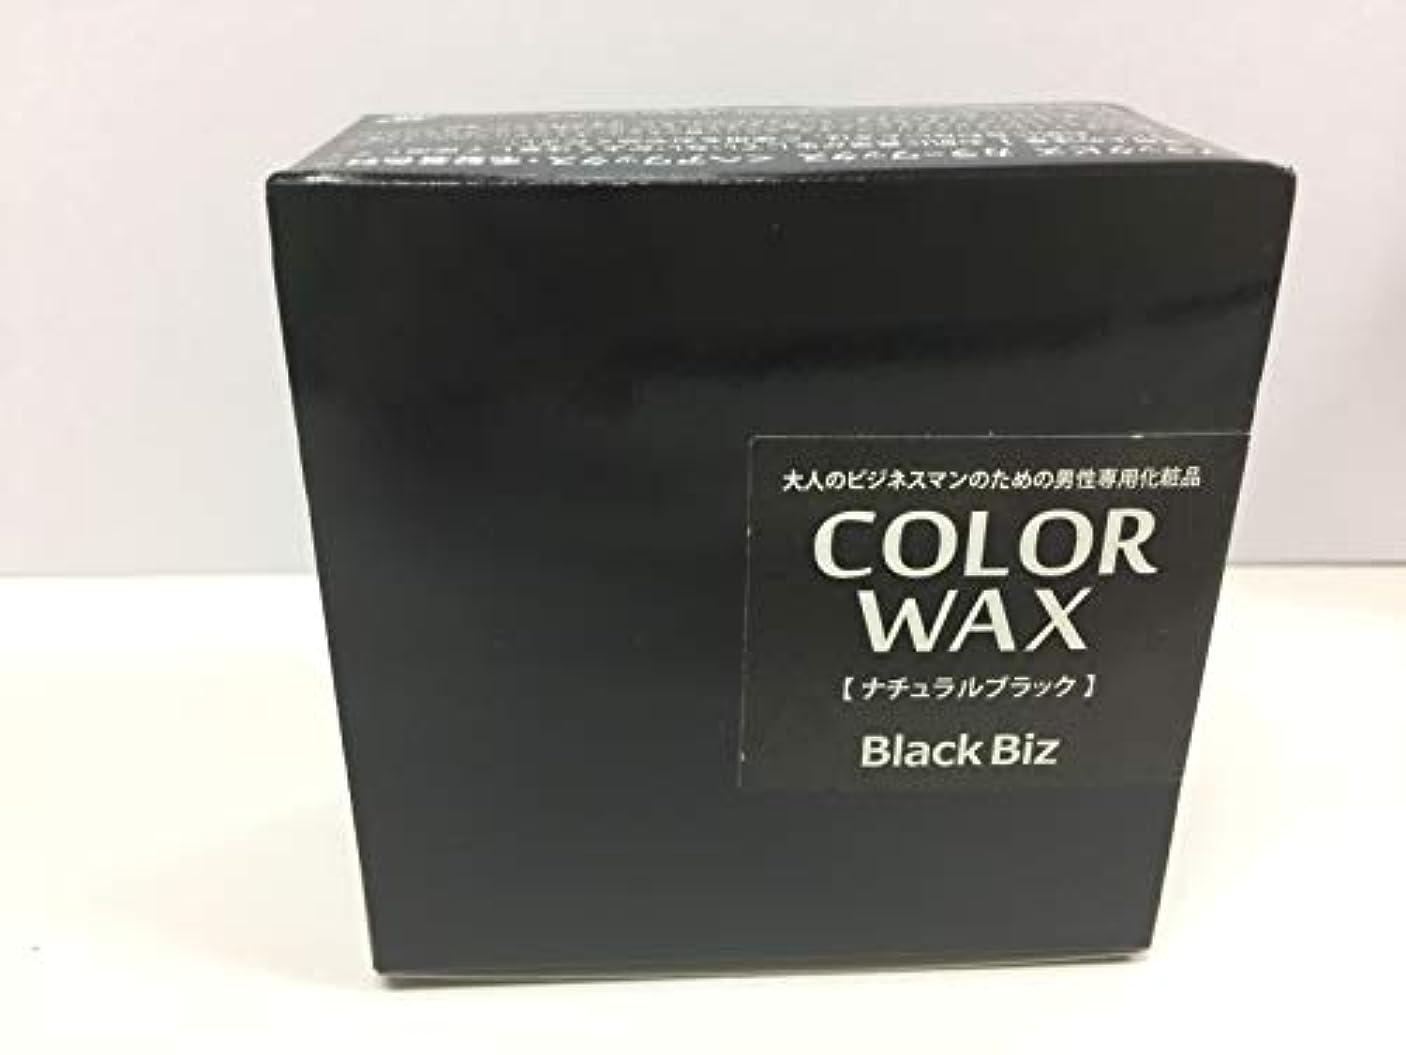 メディアばか概要大人のビジネスマンのための男性専用化粧品 BlackBiz COLOR WAX ブラックビズ カラーワックス 【ナチュラルブラック】